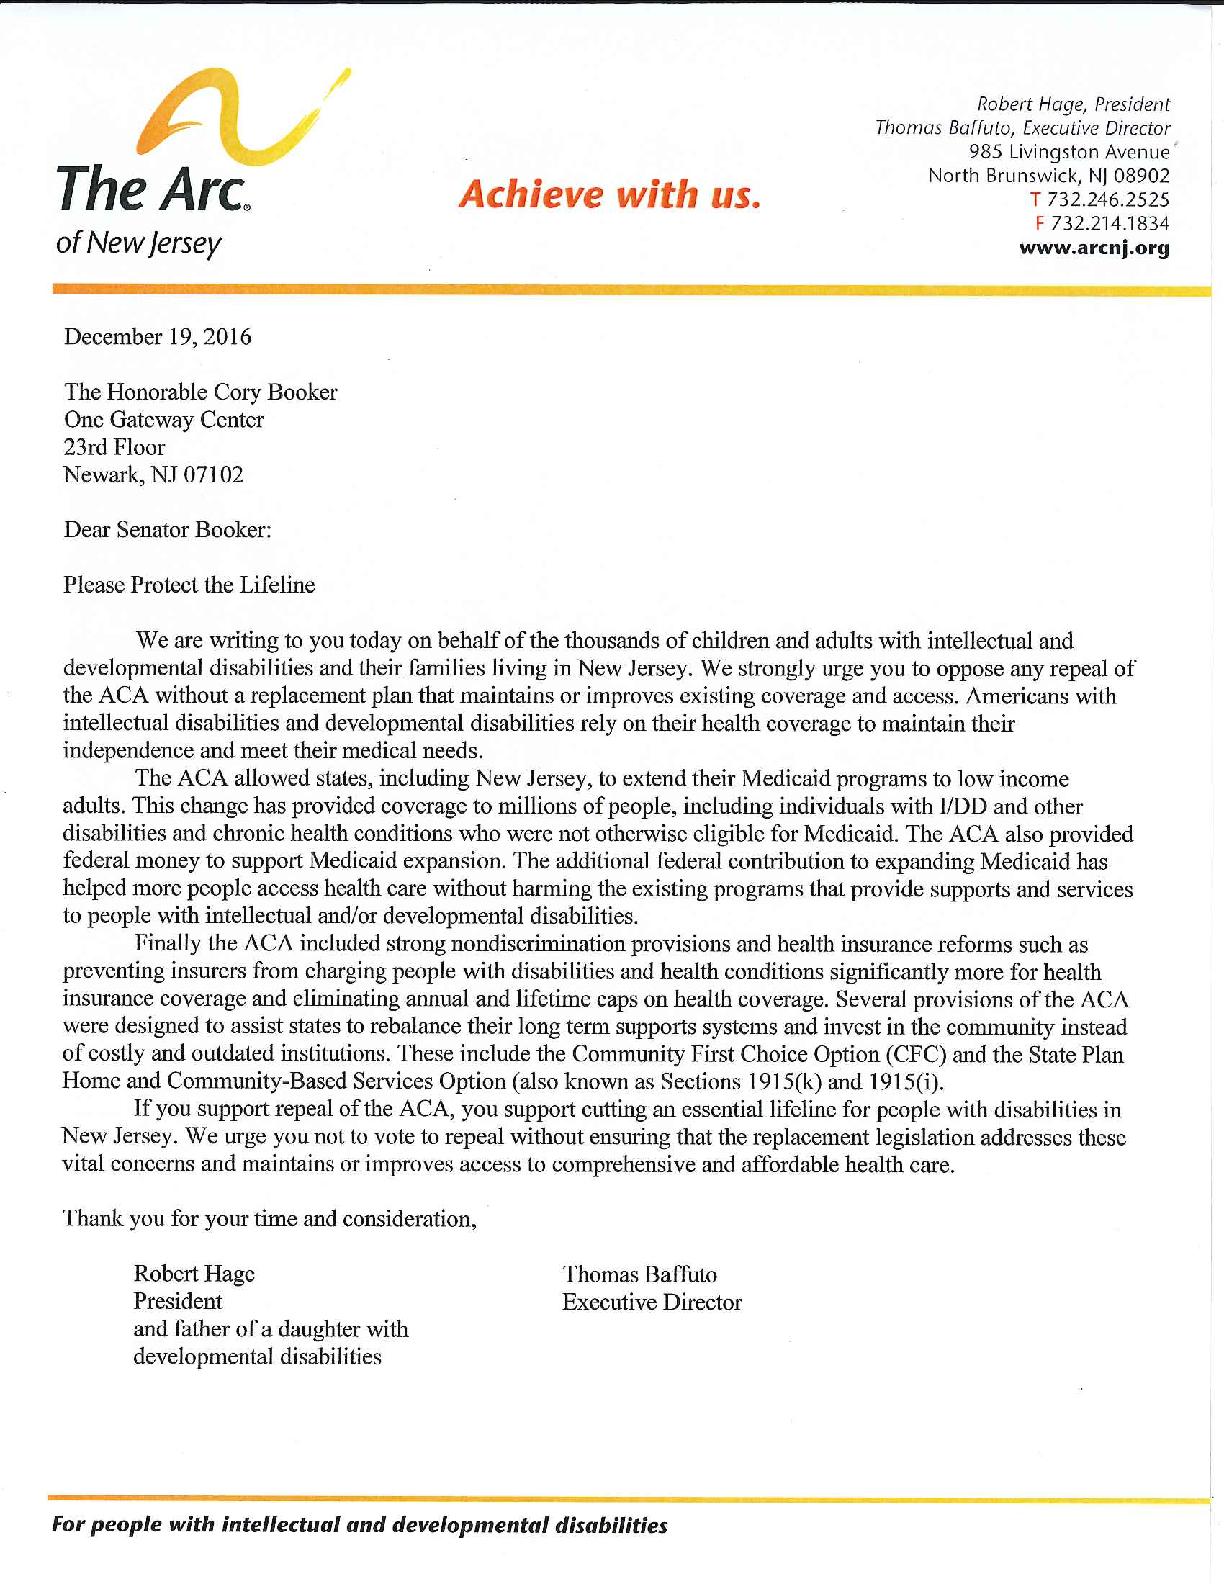 Letter to NJ Delegation - 12.19.2016